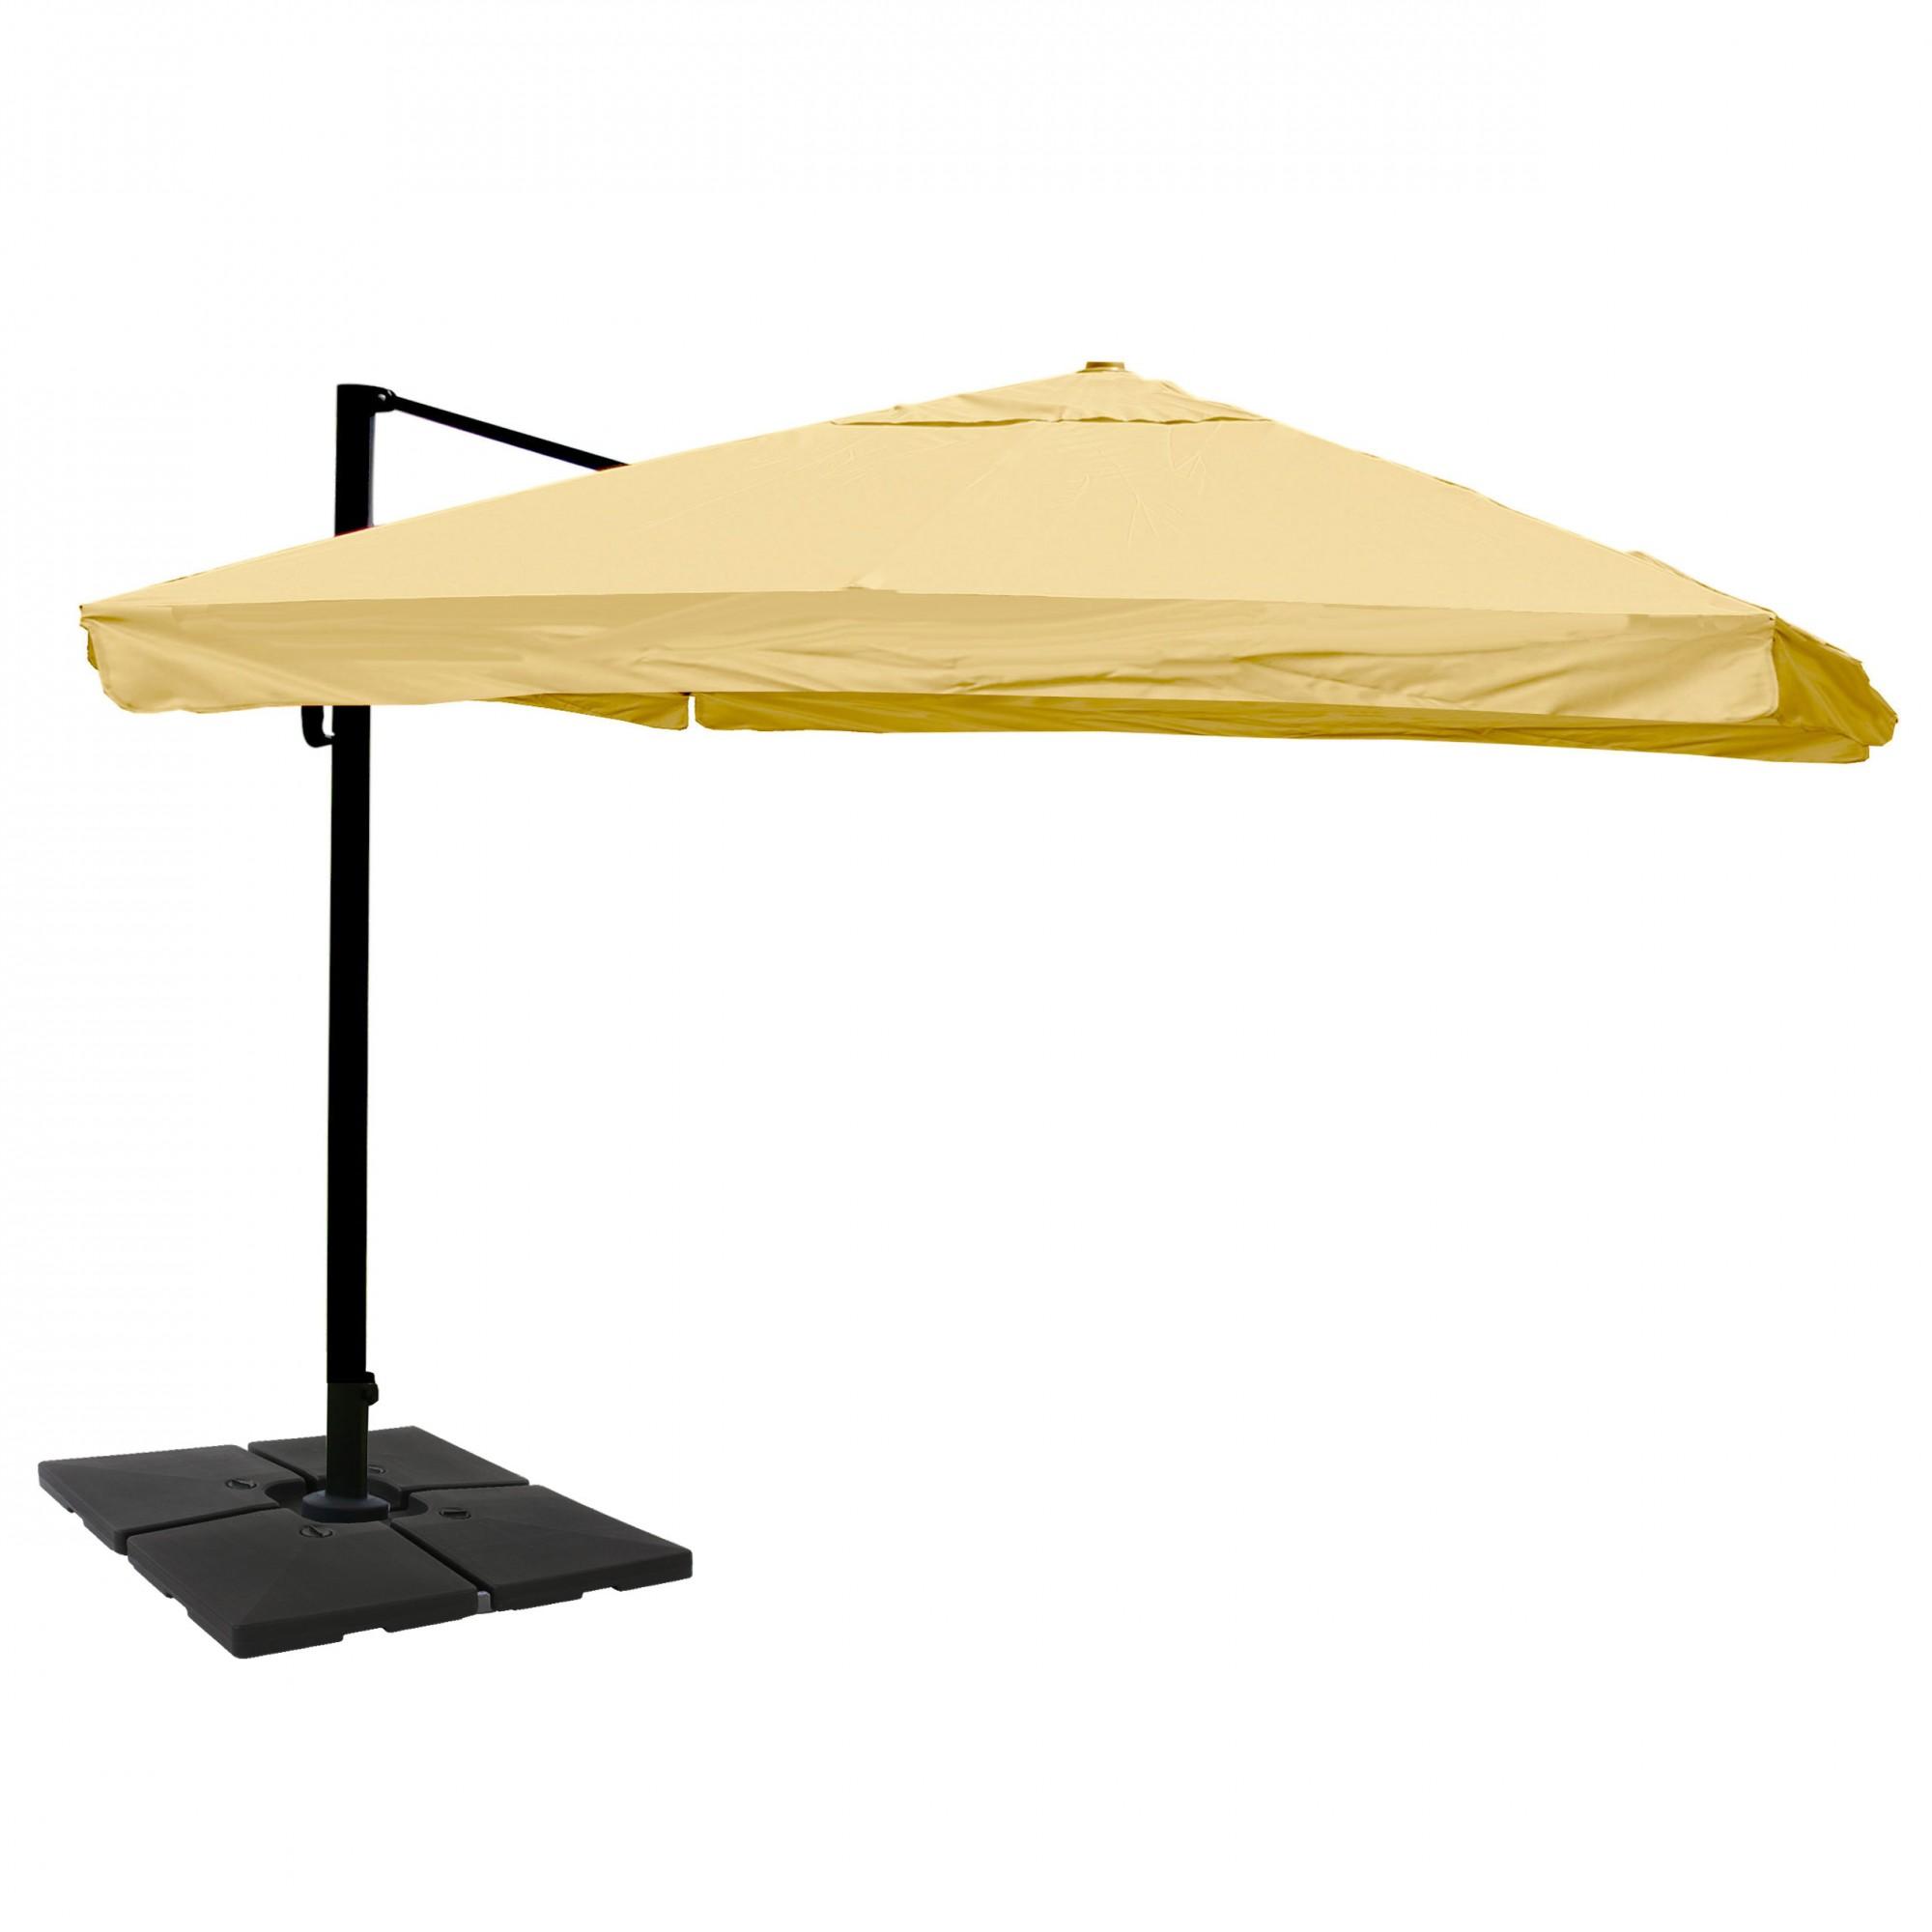 alu gastronomie luxus ampelschirm 3x4m garten sonnenschirme und st nder ampelschirme. Black Bedroom Furniture Sets. Home Design Ideas